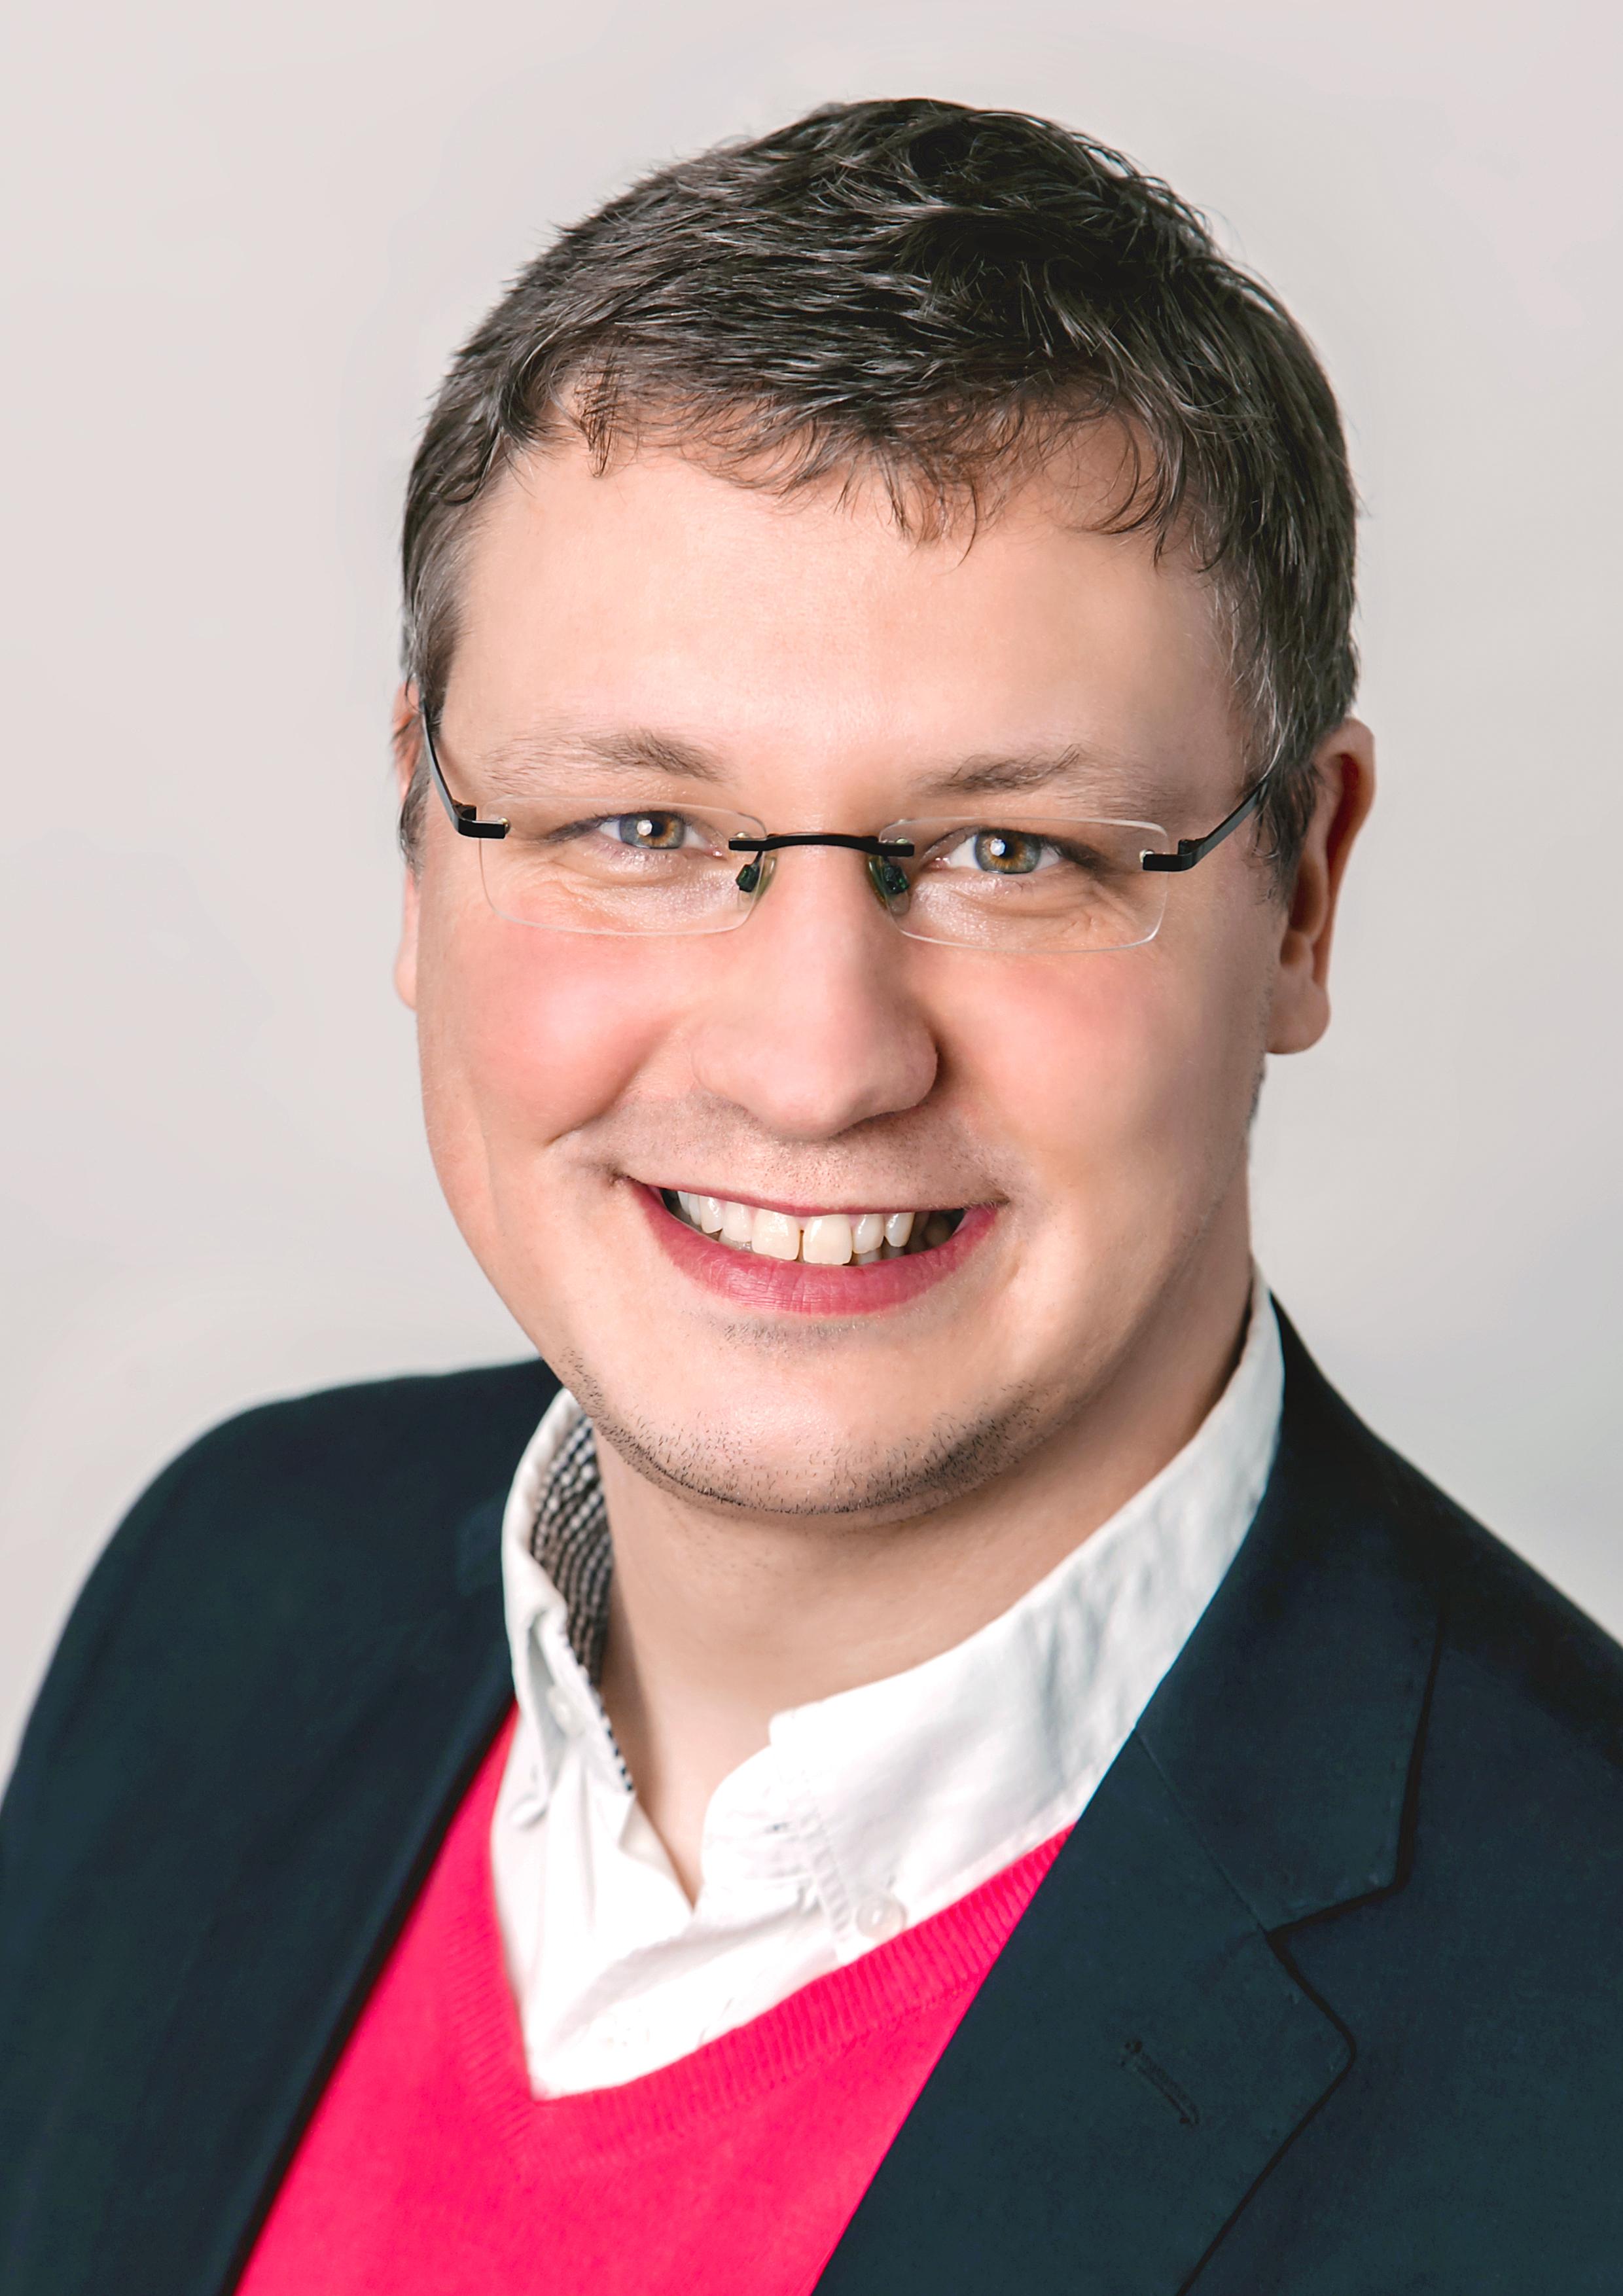 Manuel Rupsch